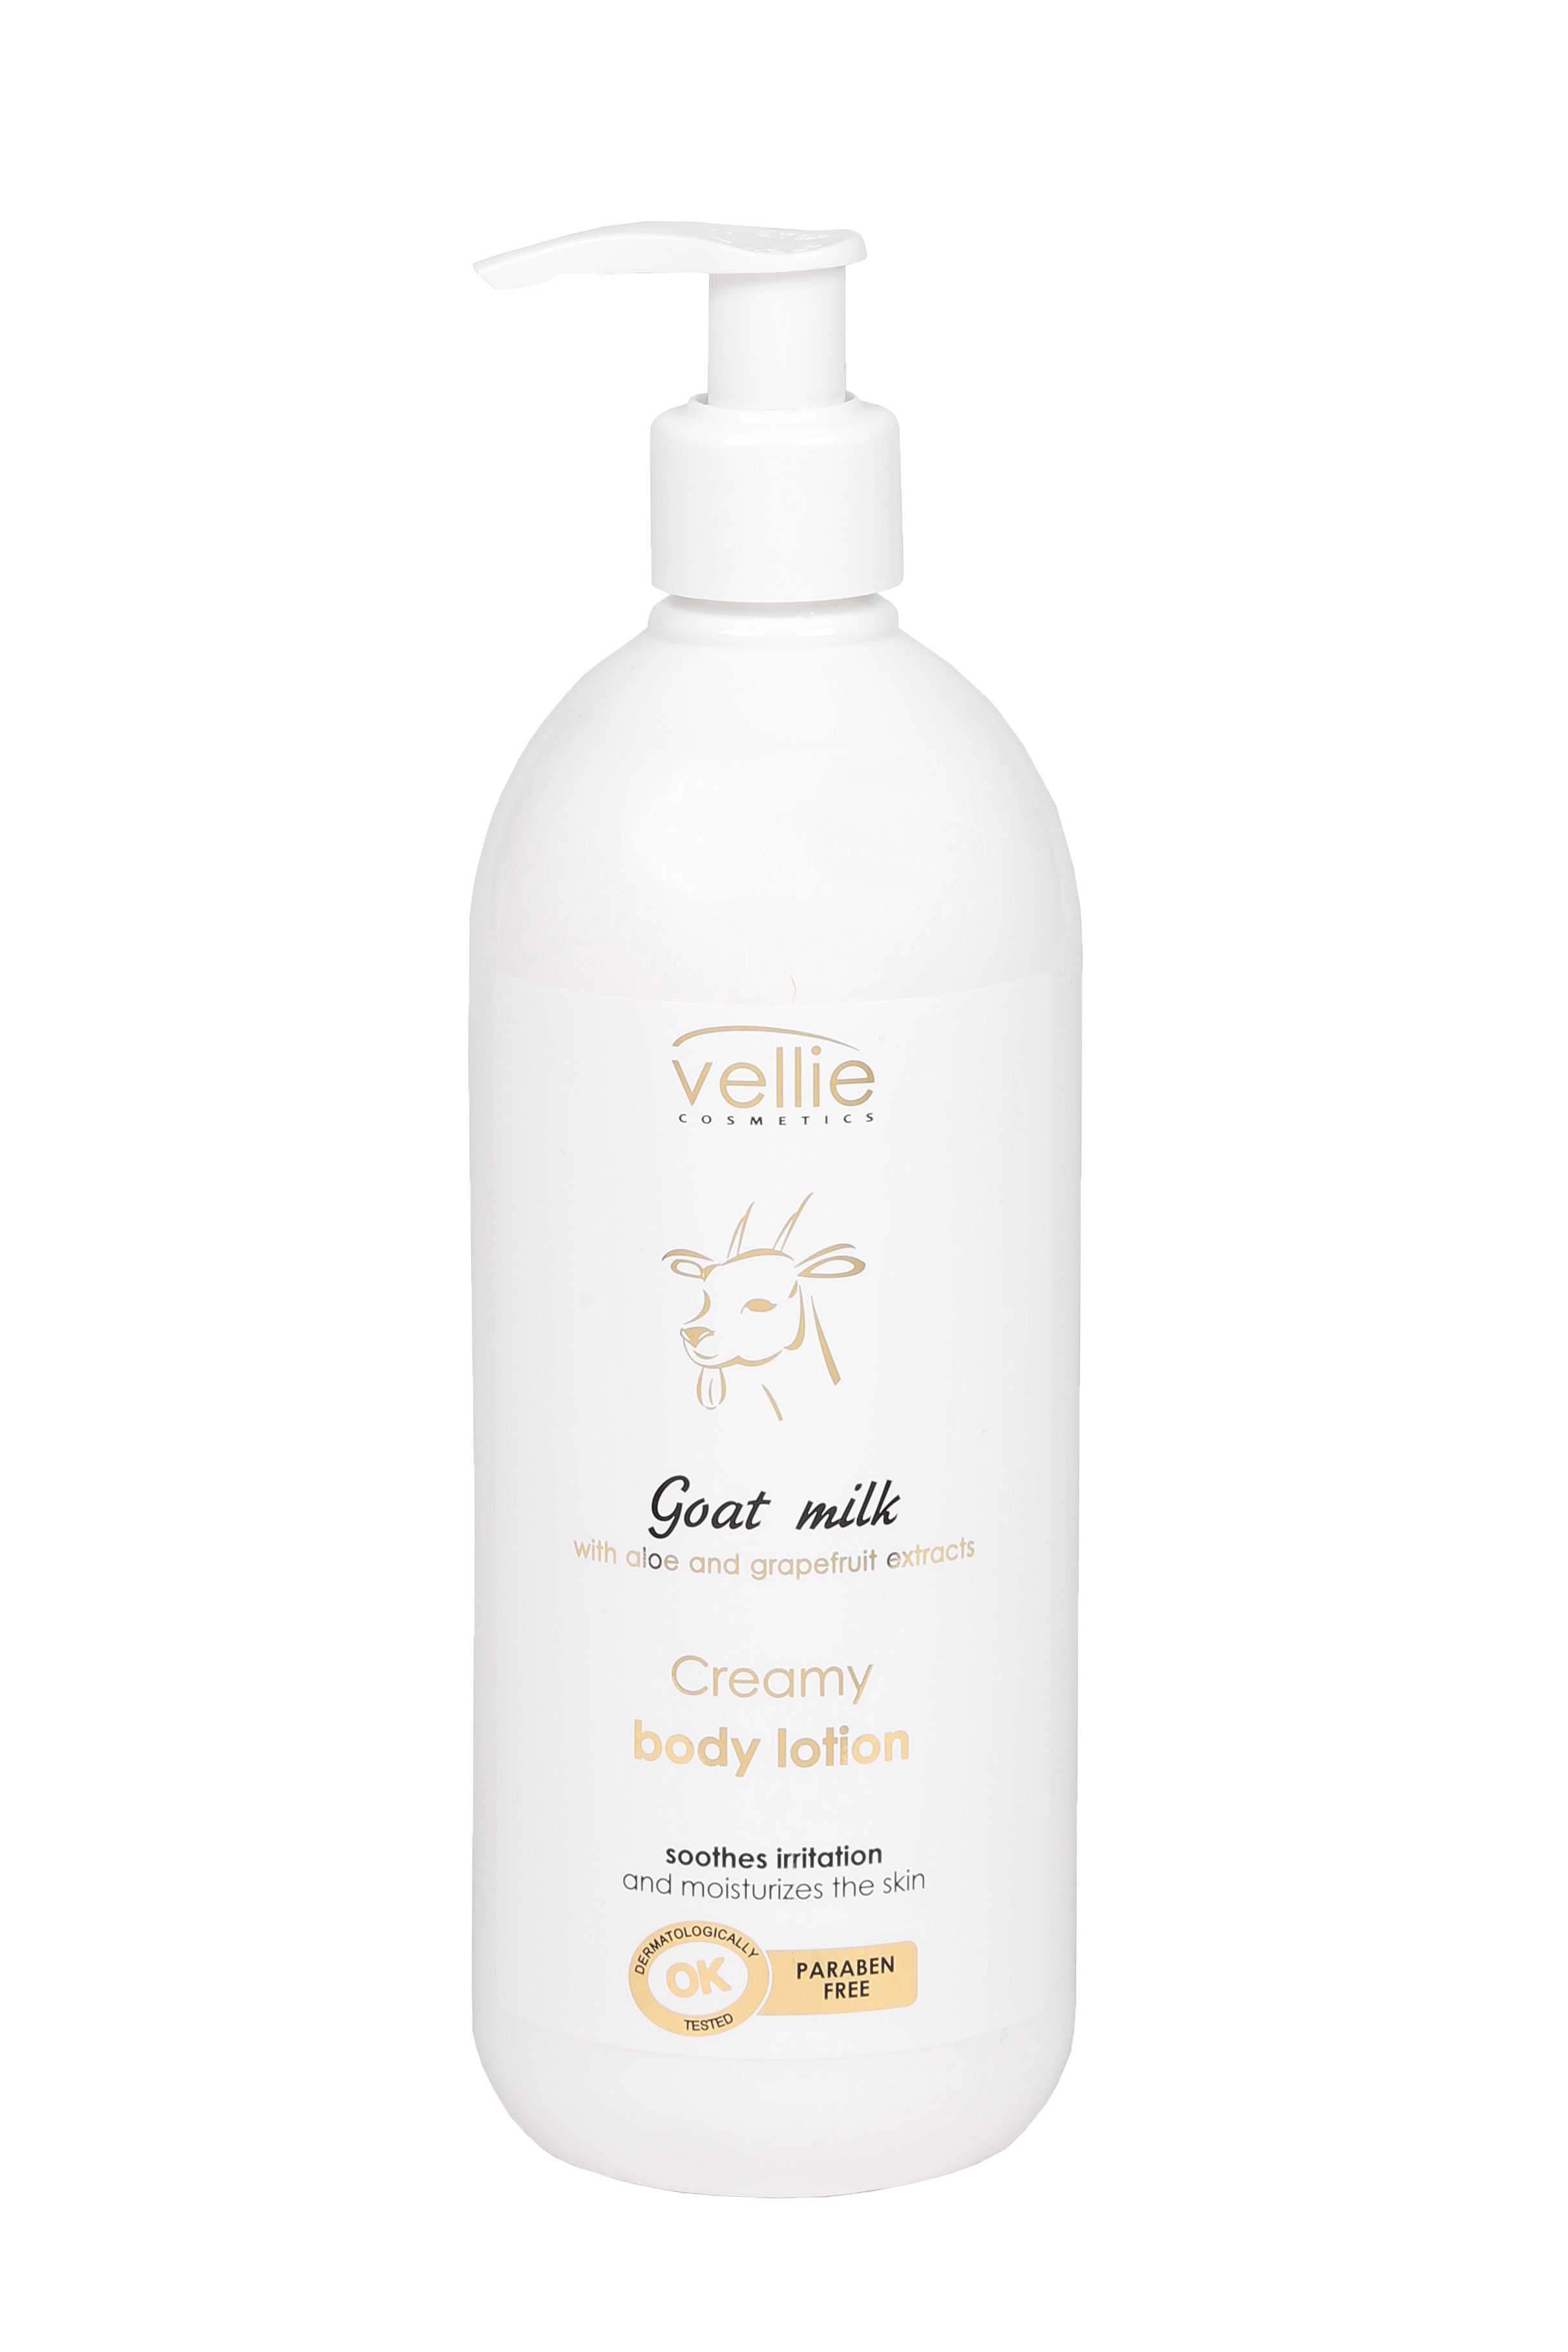 山羊奶洗护套装2(沐浴露+身体乳+护手霜)